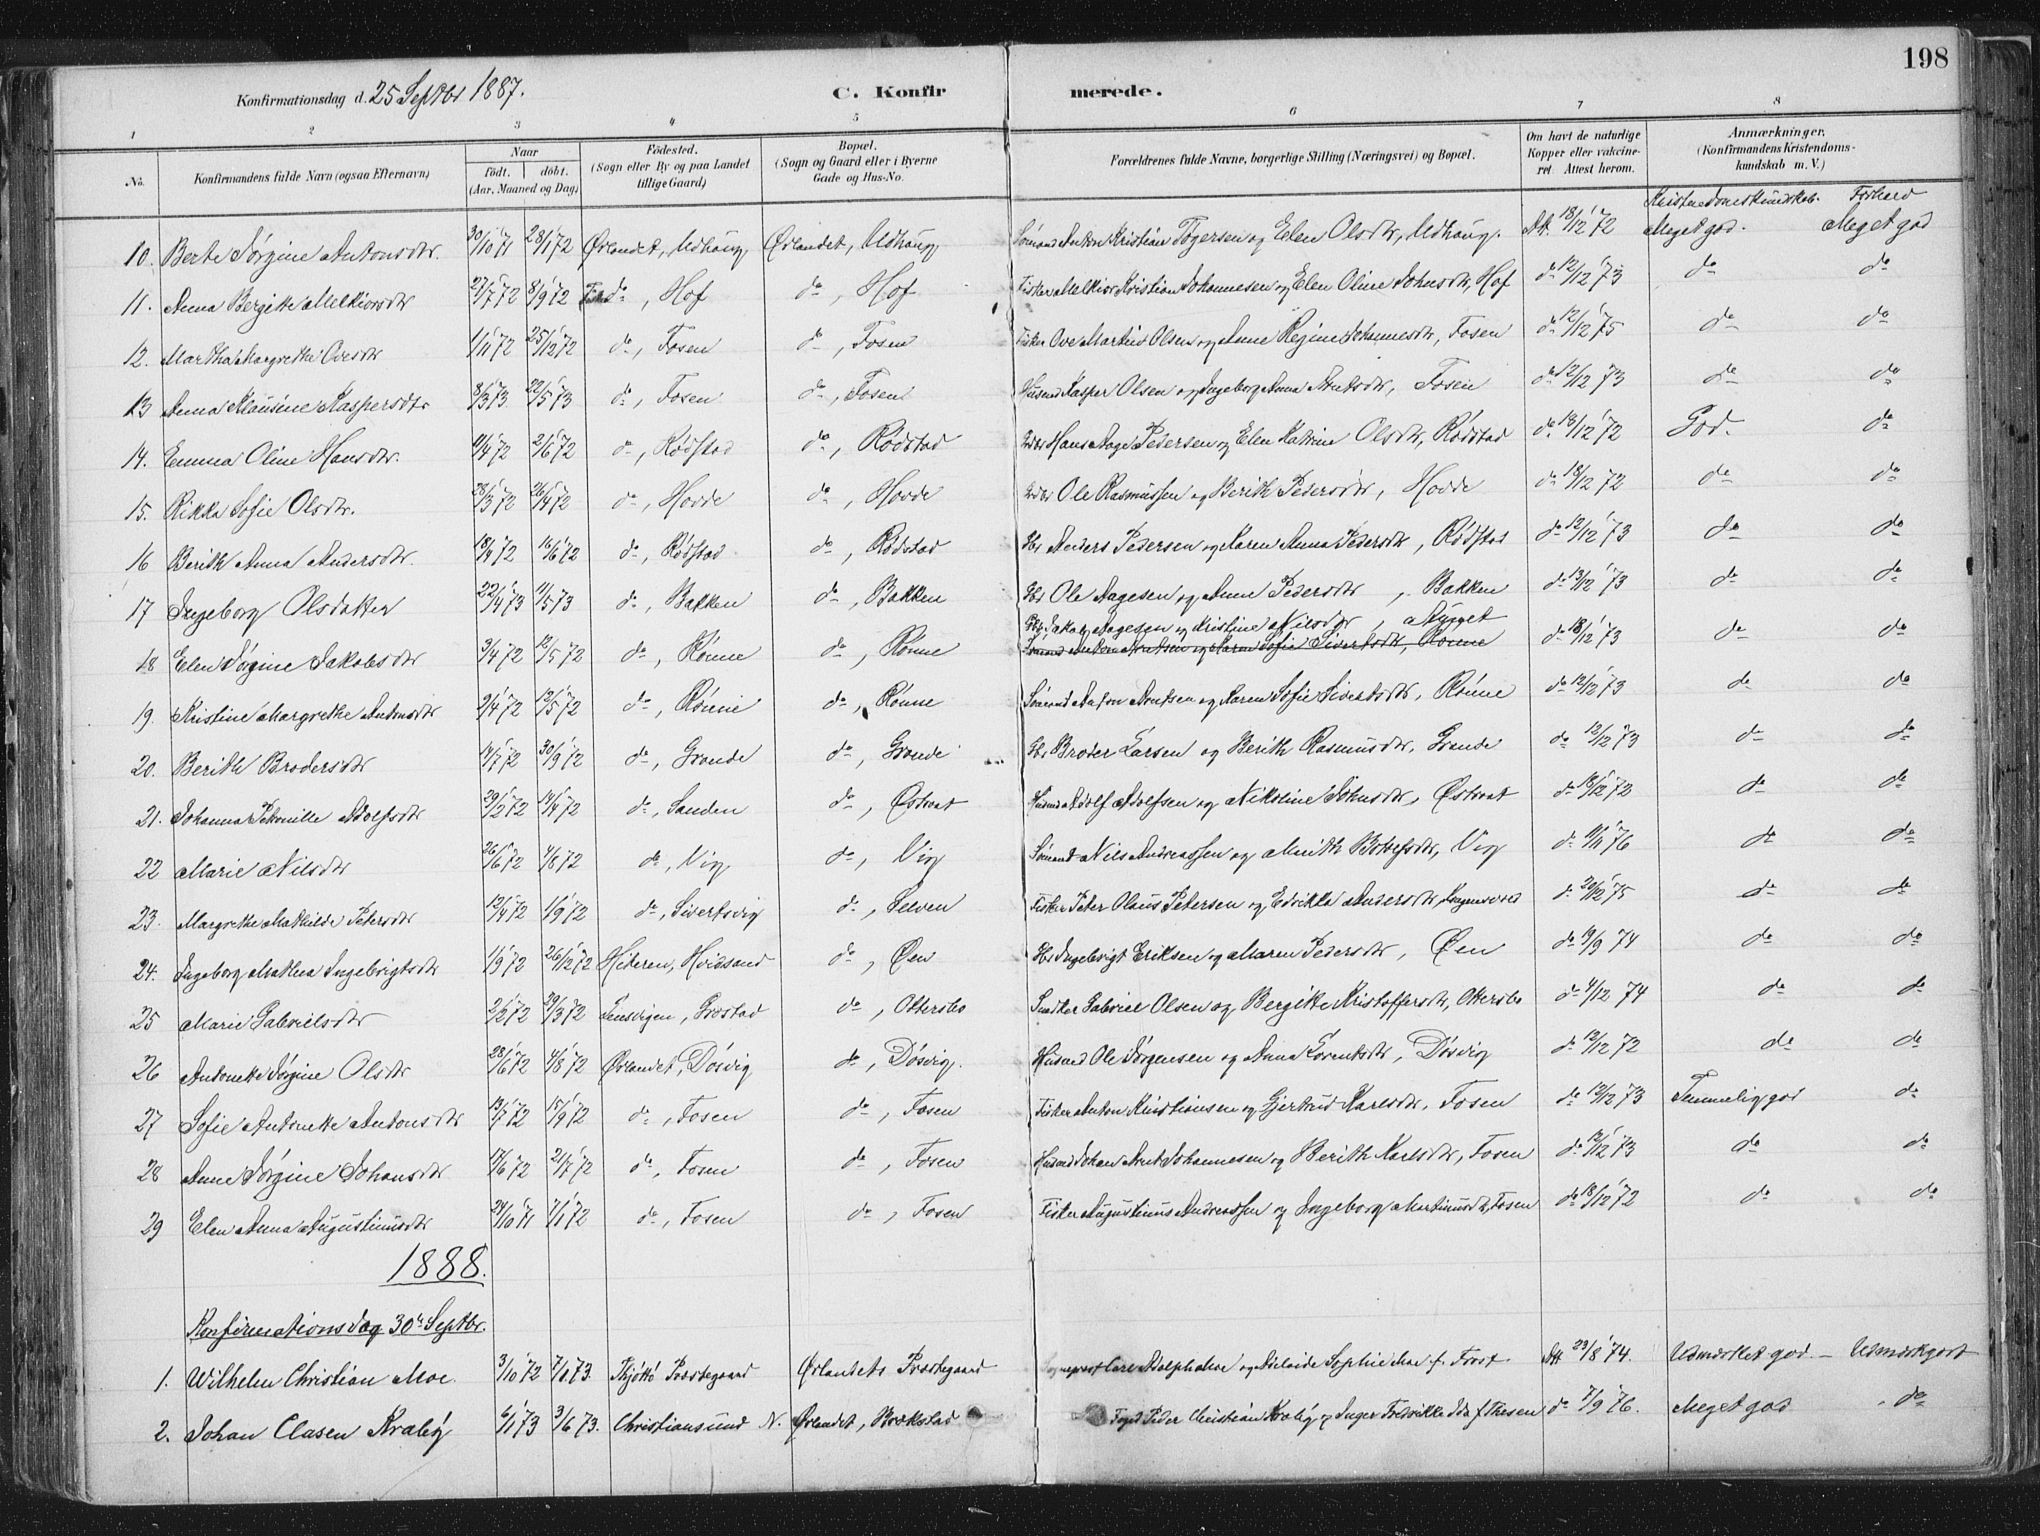 SAT, Ministerialprotokoller, klokkerbøker og fødselsregistre - Sør-Trøndelag, 659/L0739: Ministerialbok nr. 659A09, 1879-1893, s. 198